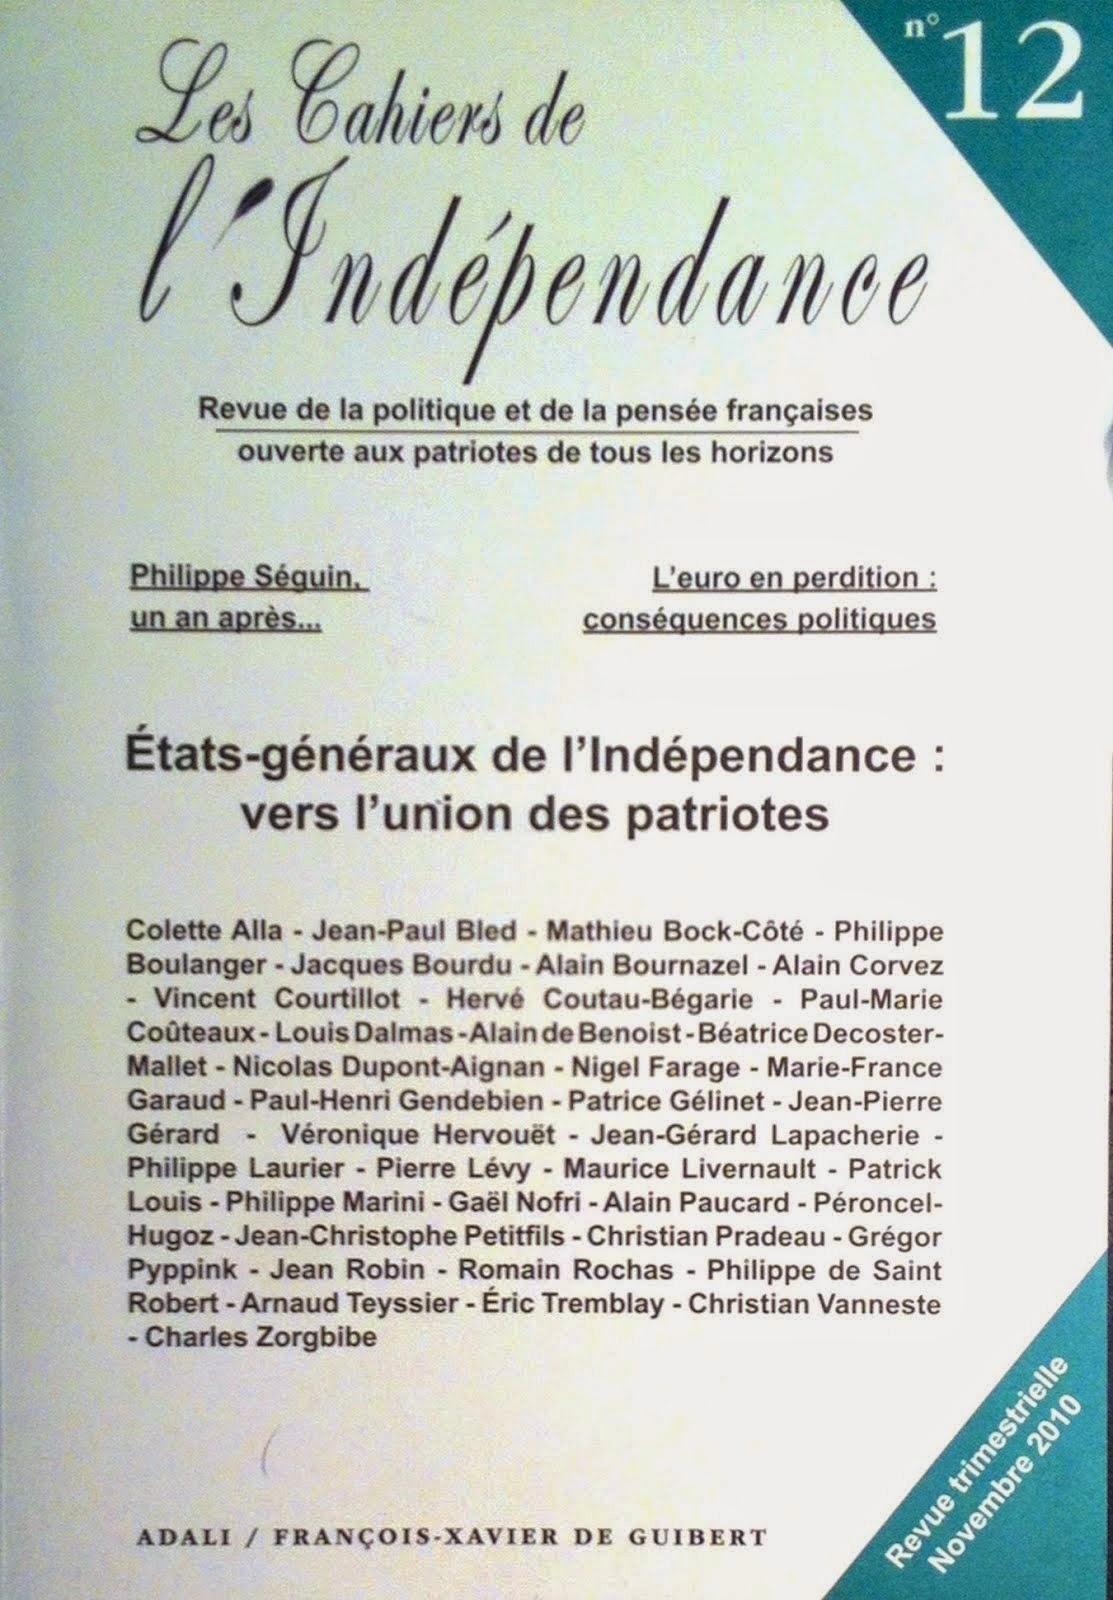 Les Cahiers de l'Indépendance